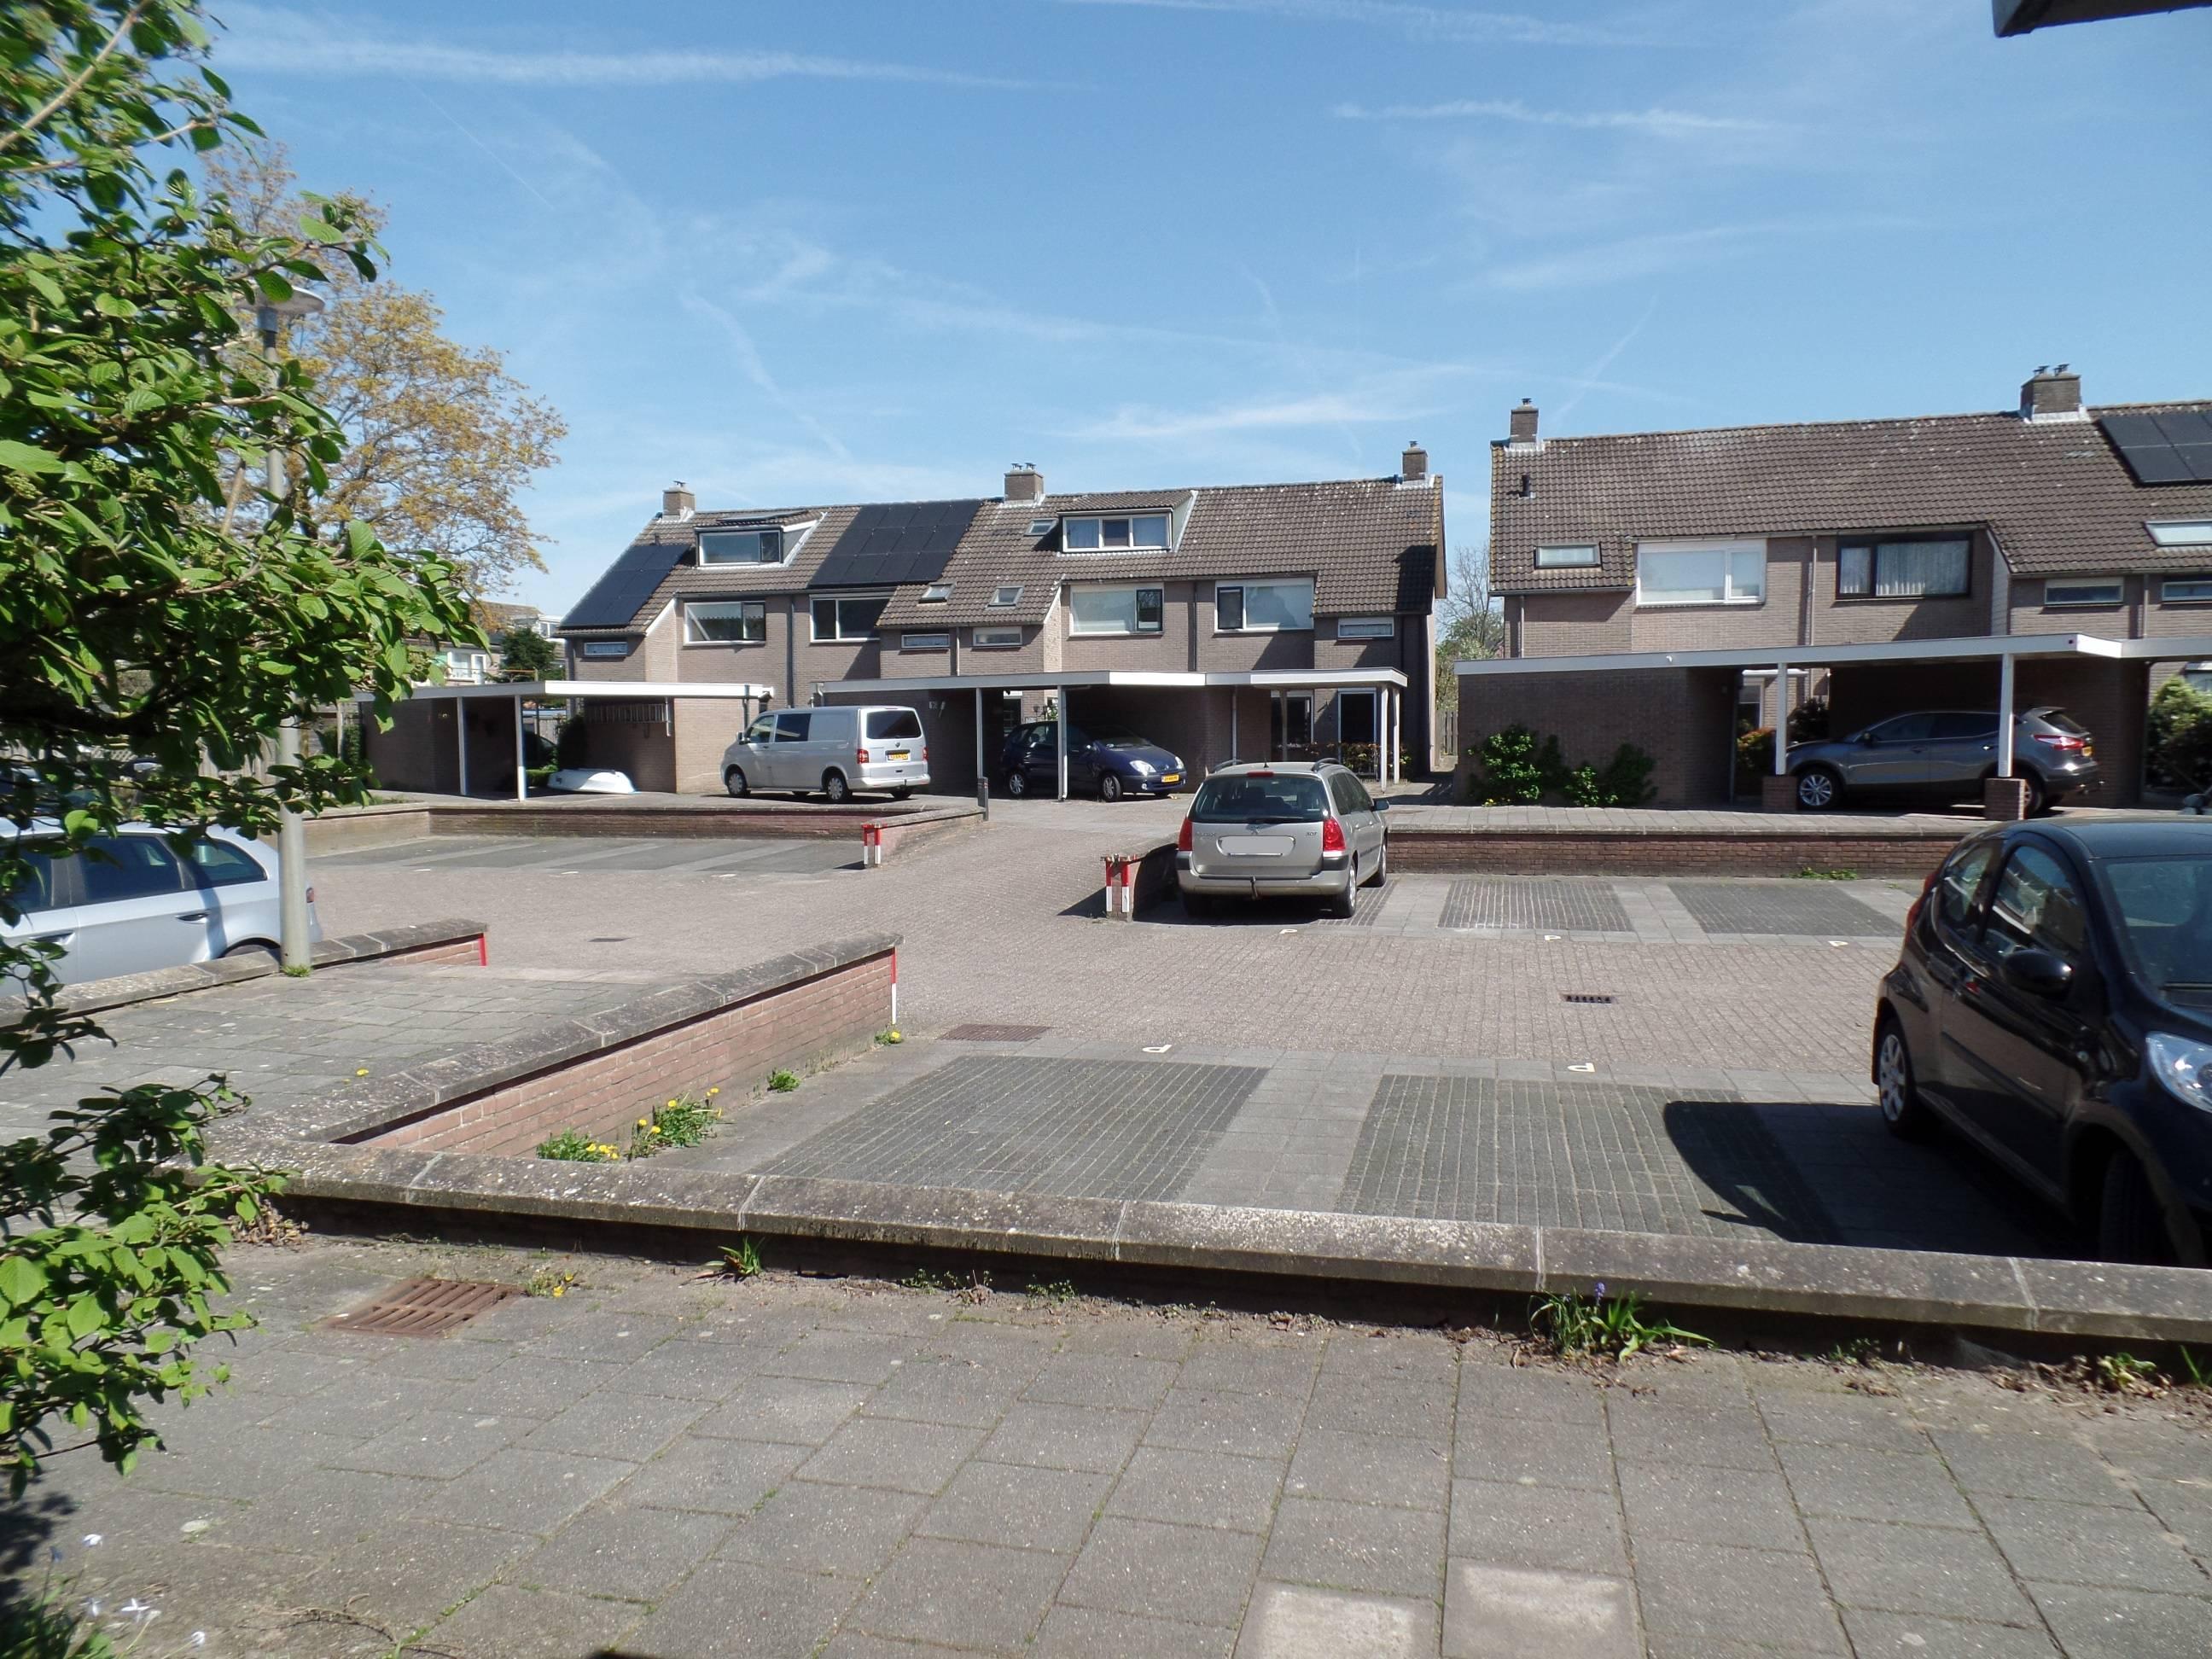 Urkmeen, Harderwijk